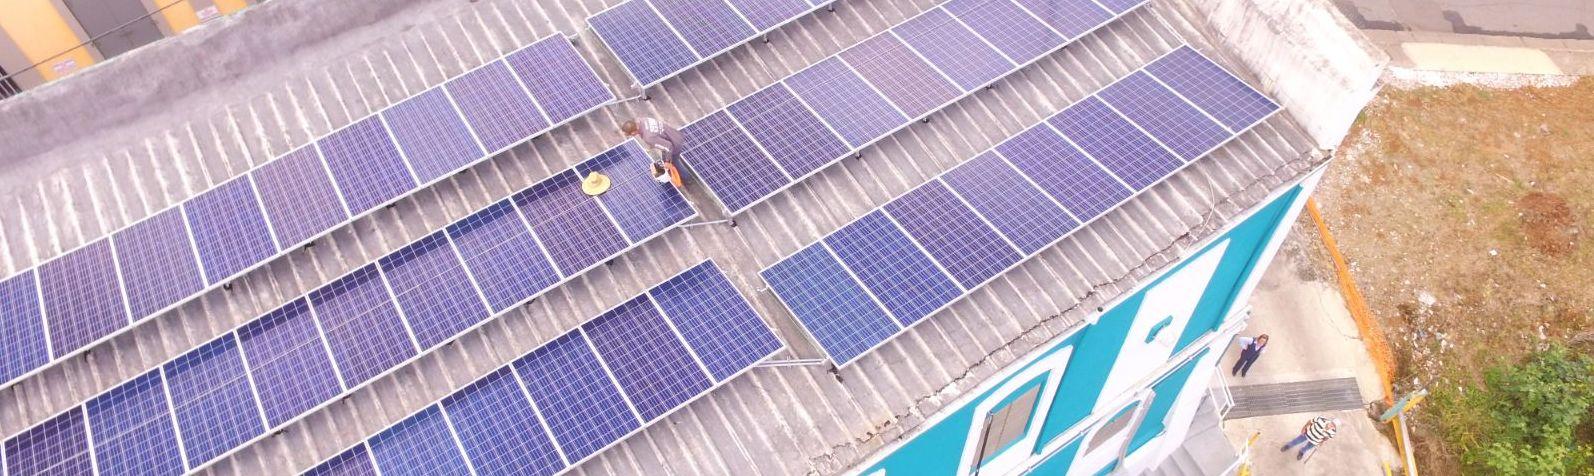 Solar Finance Innovation